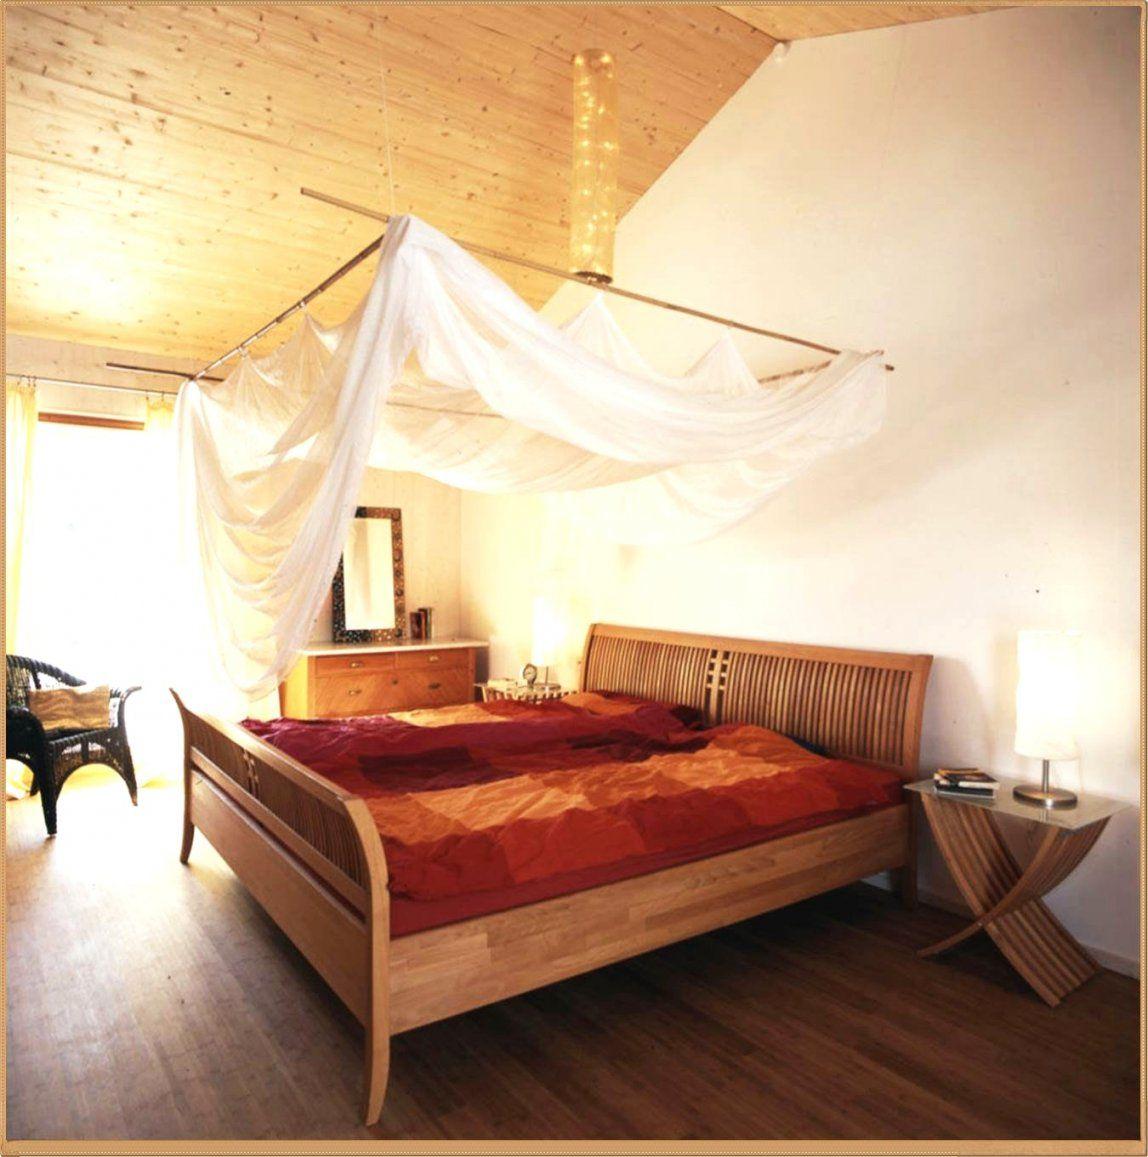 kopfteil bett selber machen inspirierend bezaubernde ideen. Black Bedroom Furniture Sets. Home Design Ideas